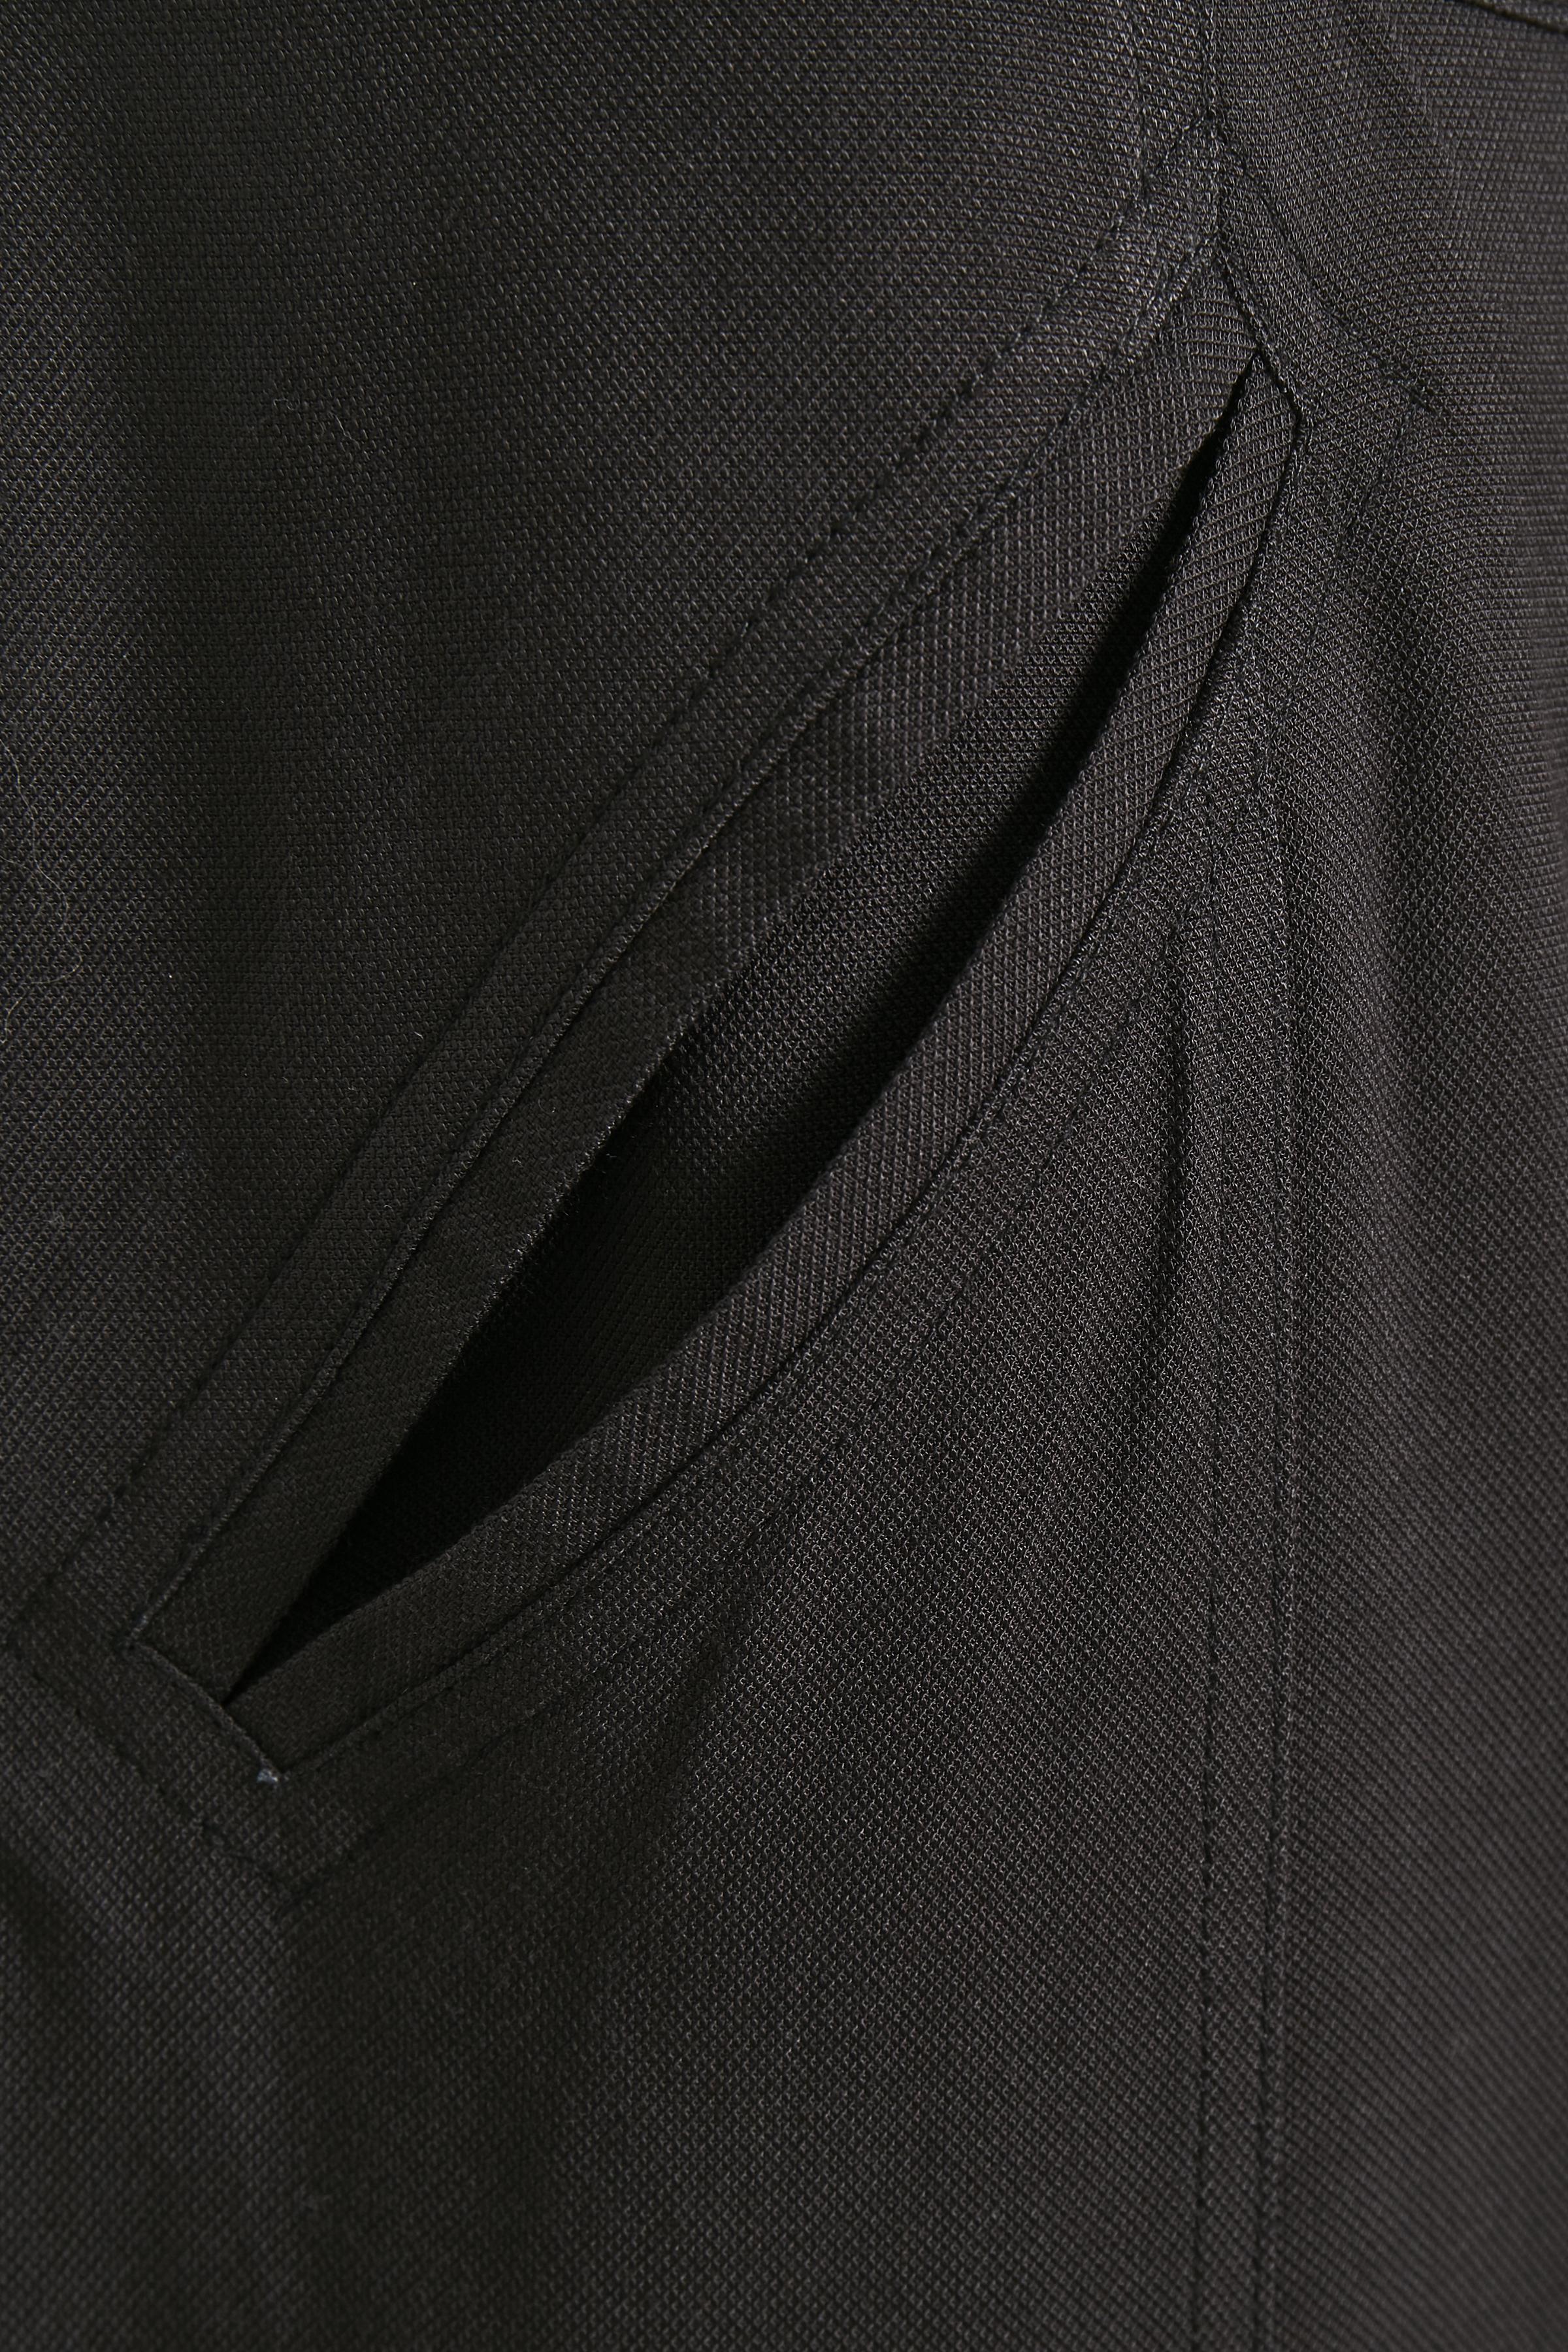 Mörk antracitgrå Ankelbyxa från Bon'A Parte – Köp Mörk antracitgrå Ankelbyxa från stl. 36-48 här